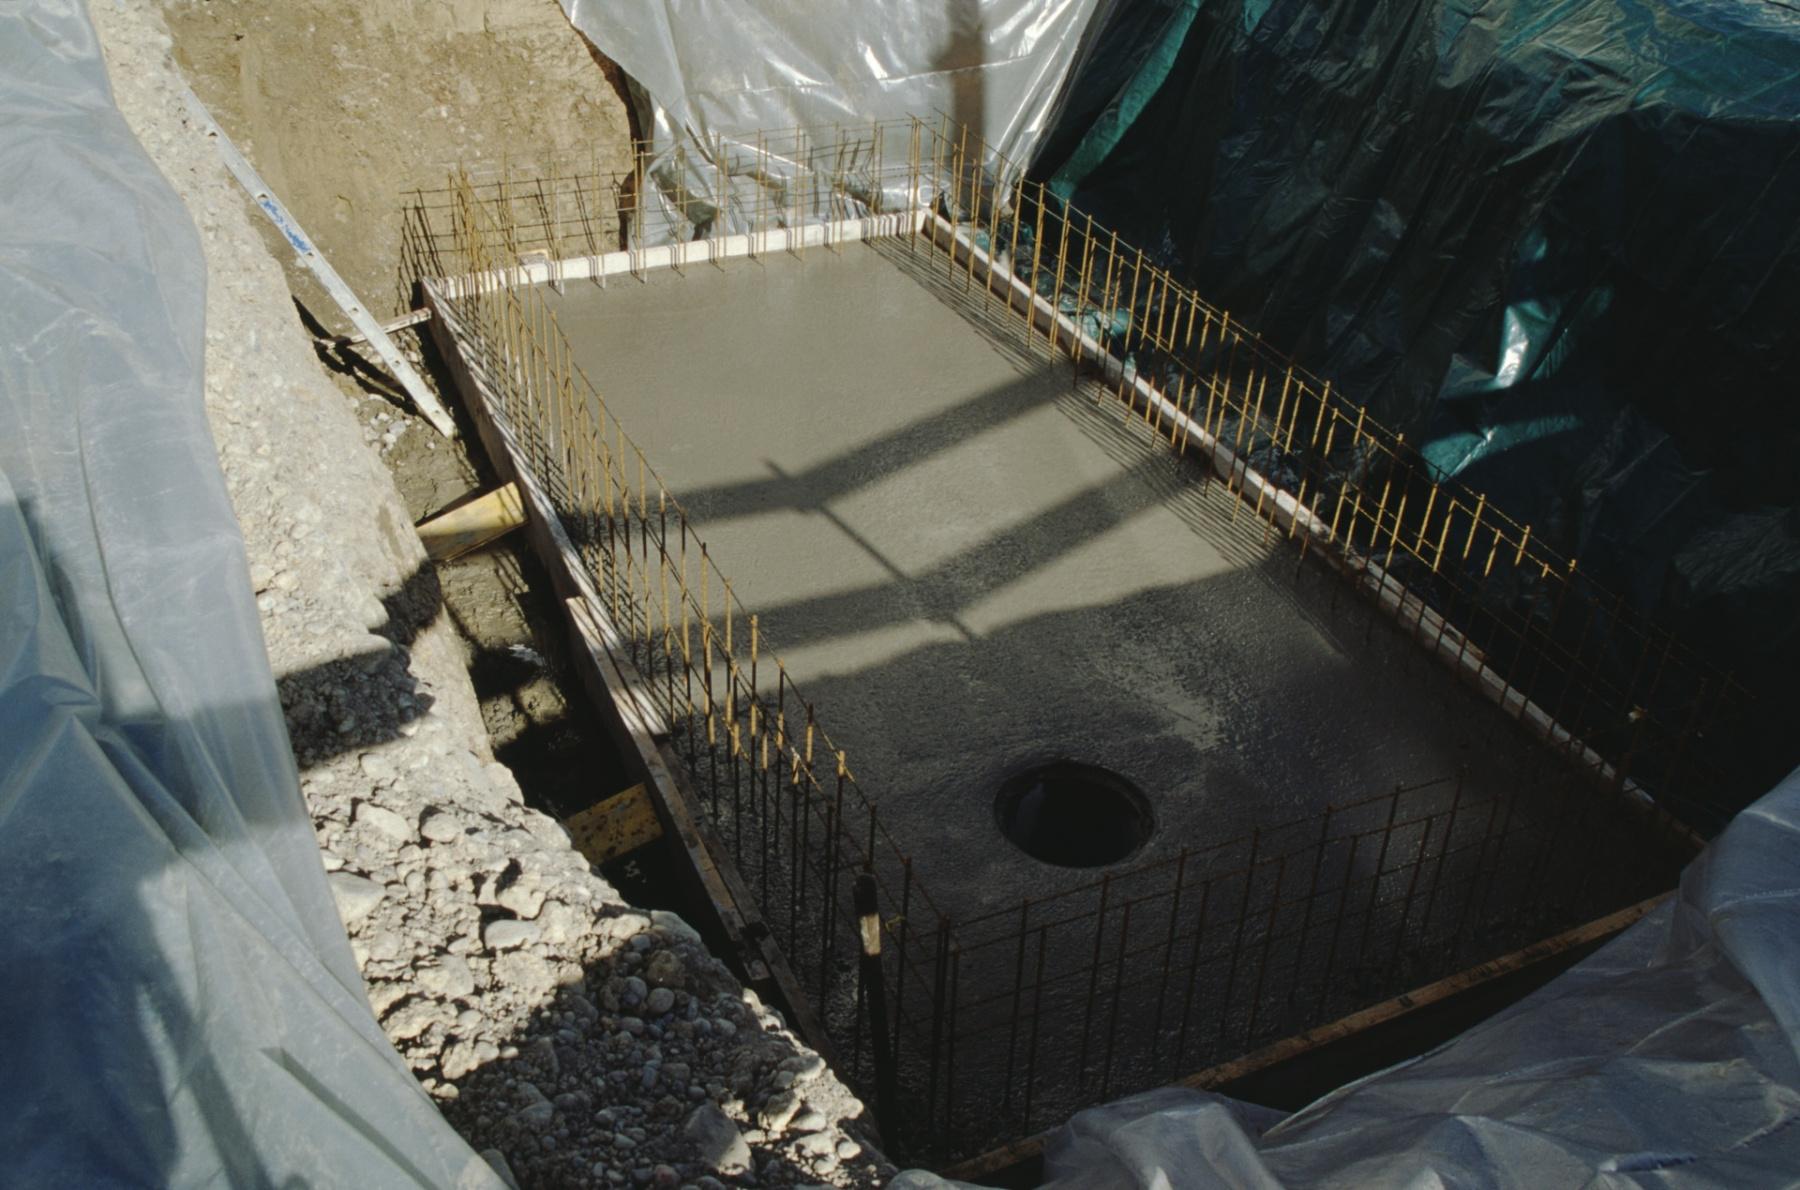 Dampfbahn Verein, Baugrube für Stellwerk, betonierter Boden